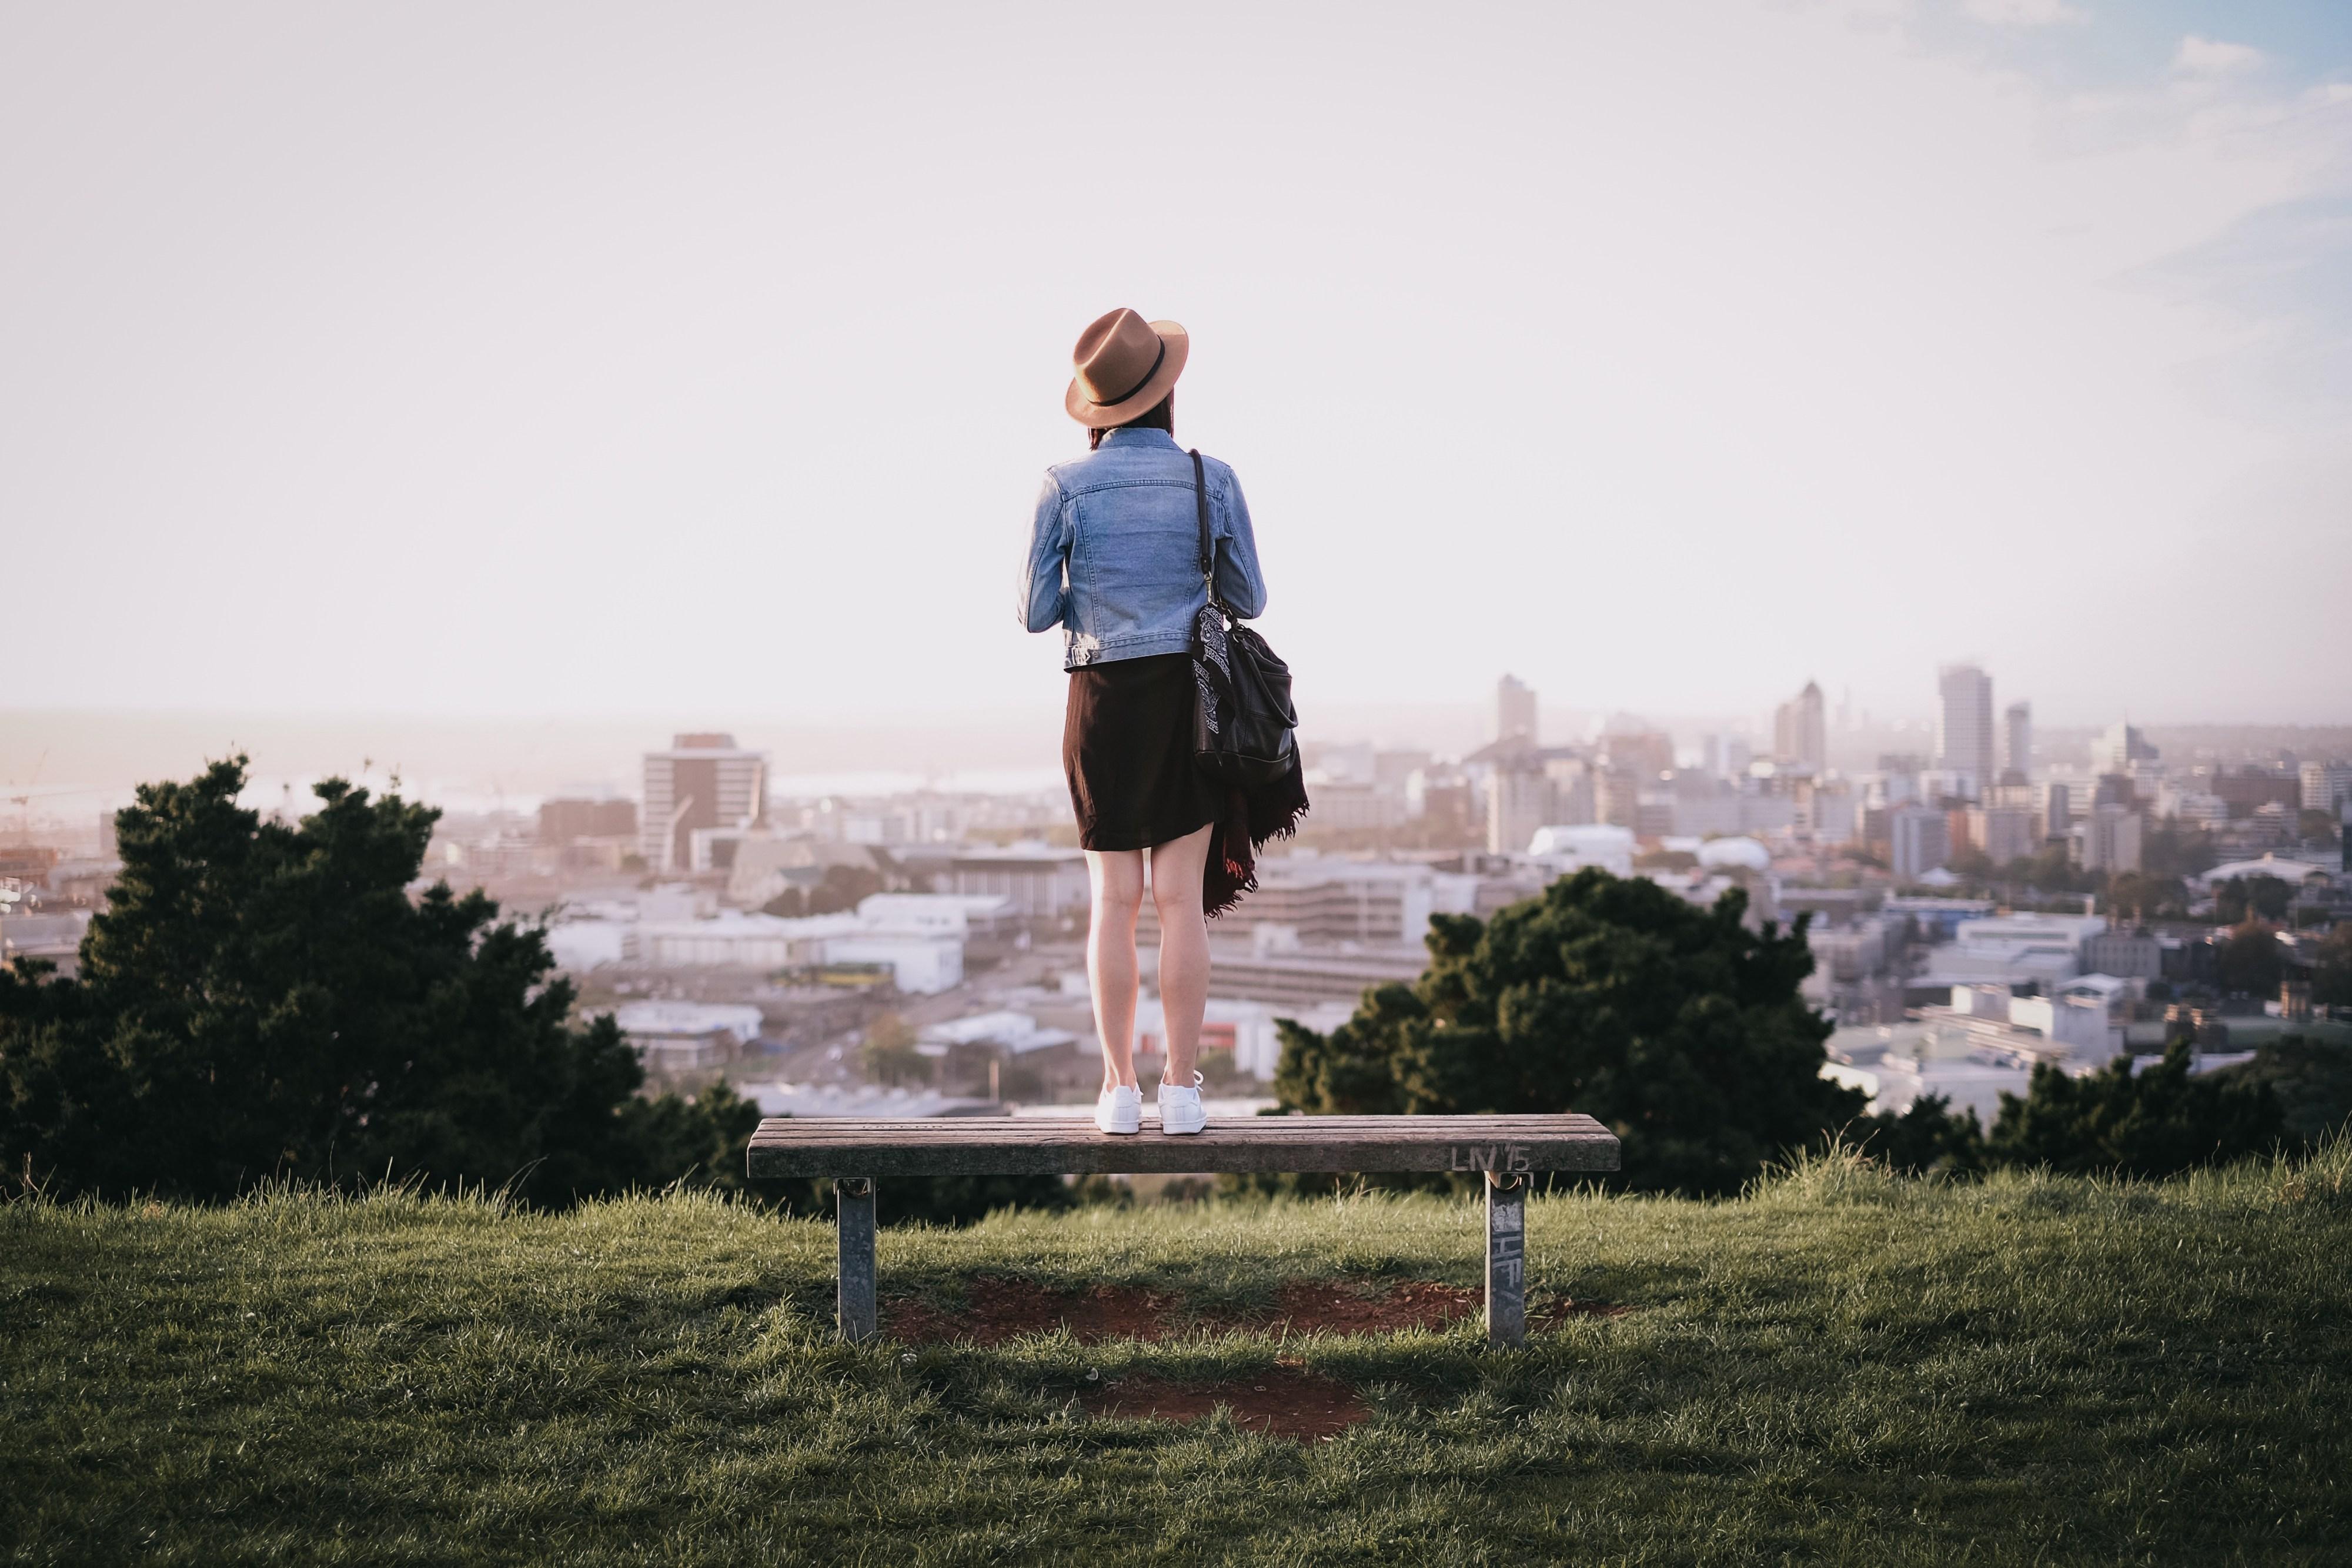 Volando Solo: Destinos populares y experiencias para viajeros solos